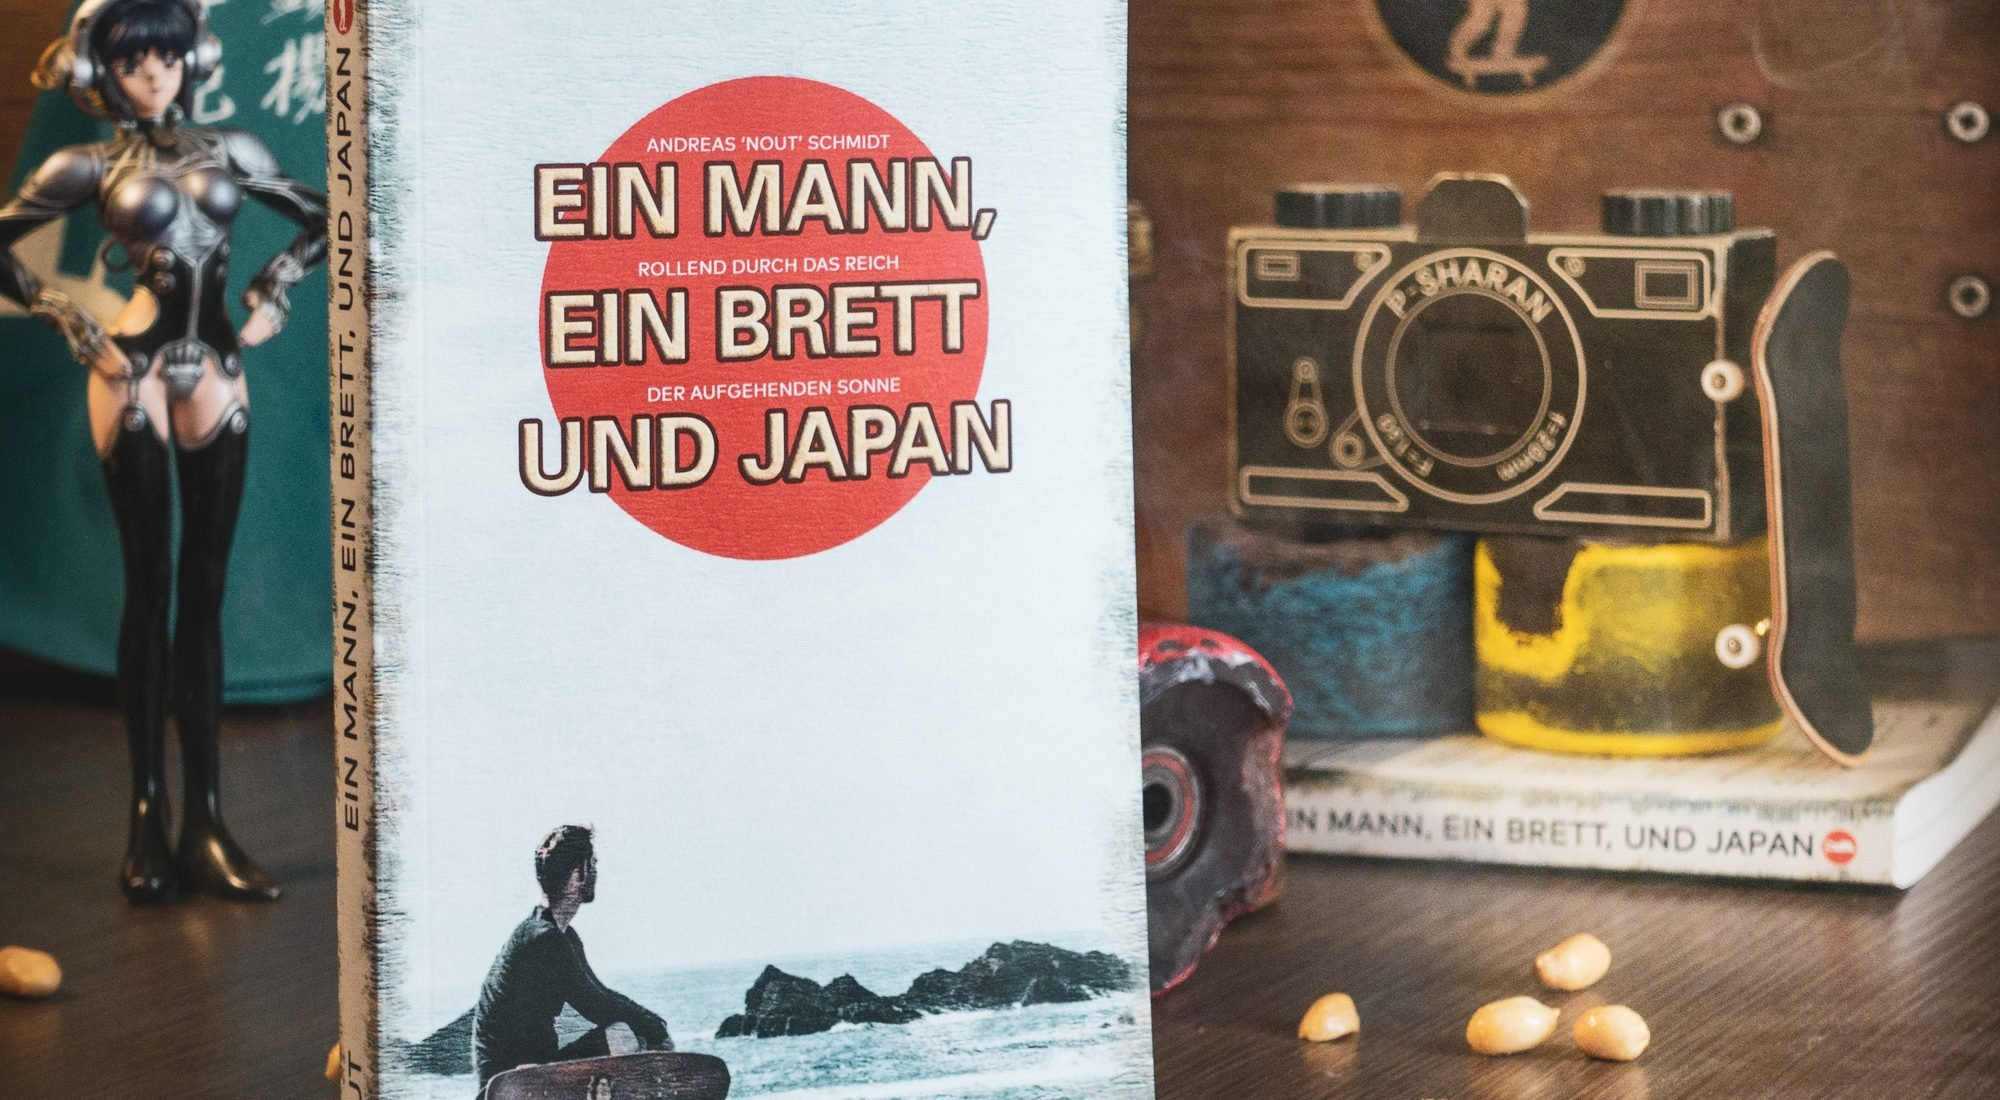 Ein Mann ein Brett und Japan - Taschenbuch Produktfoto